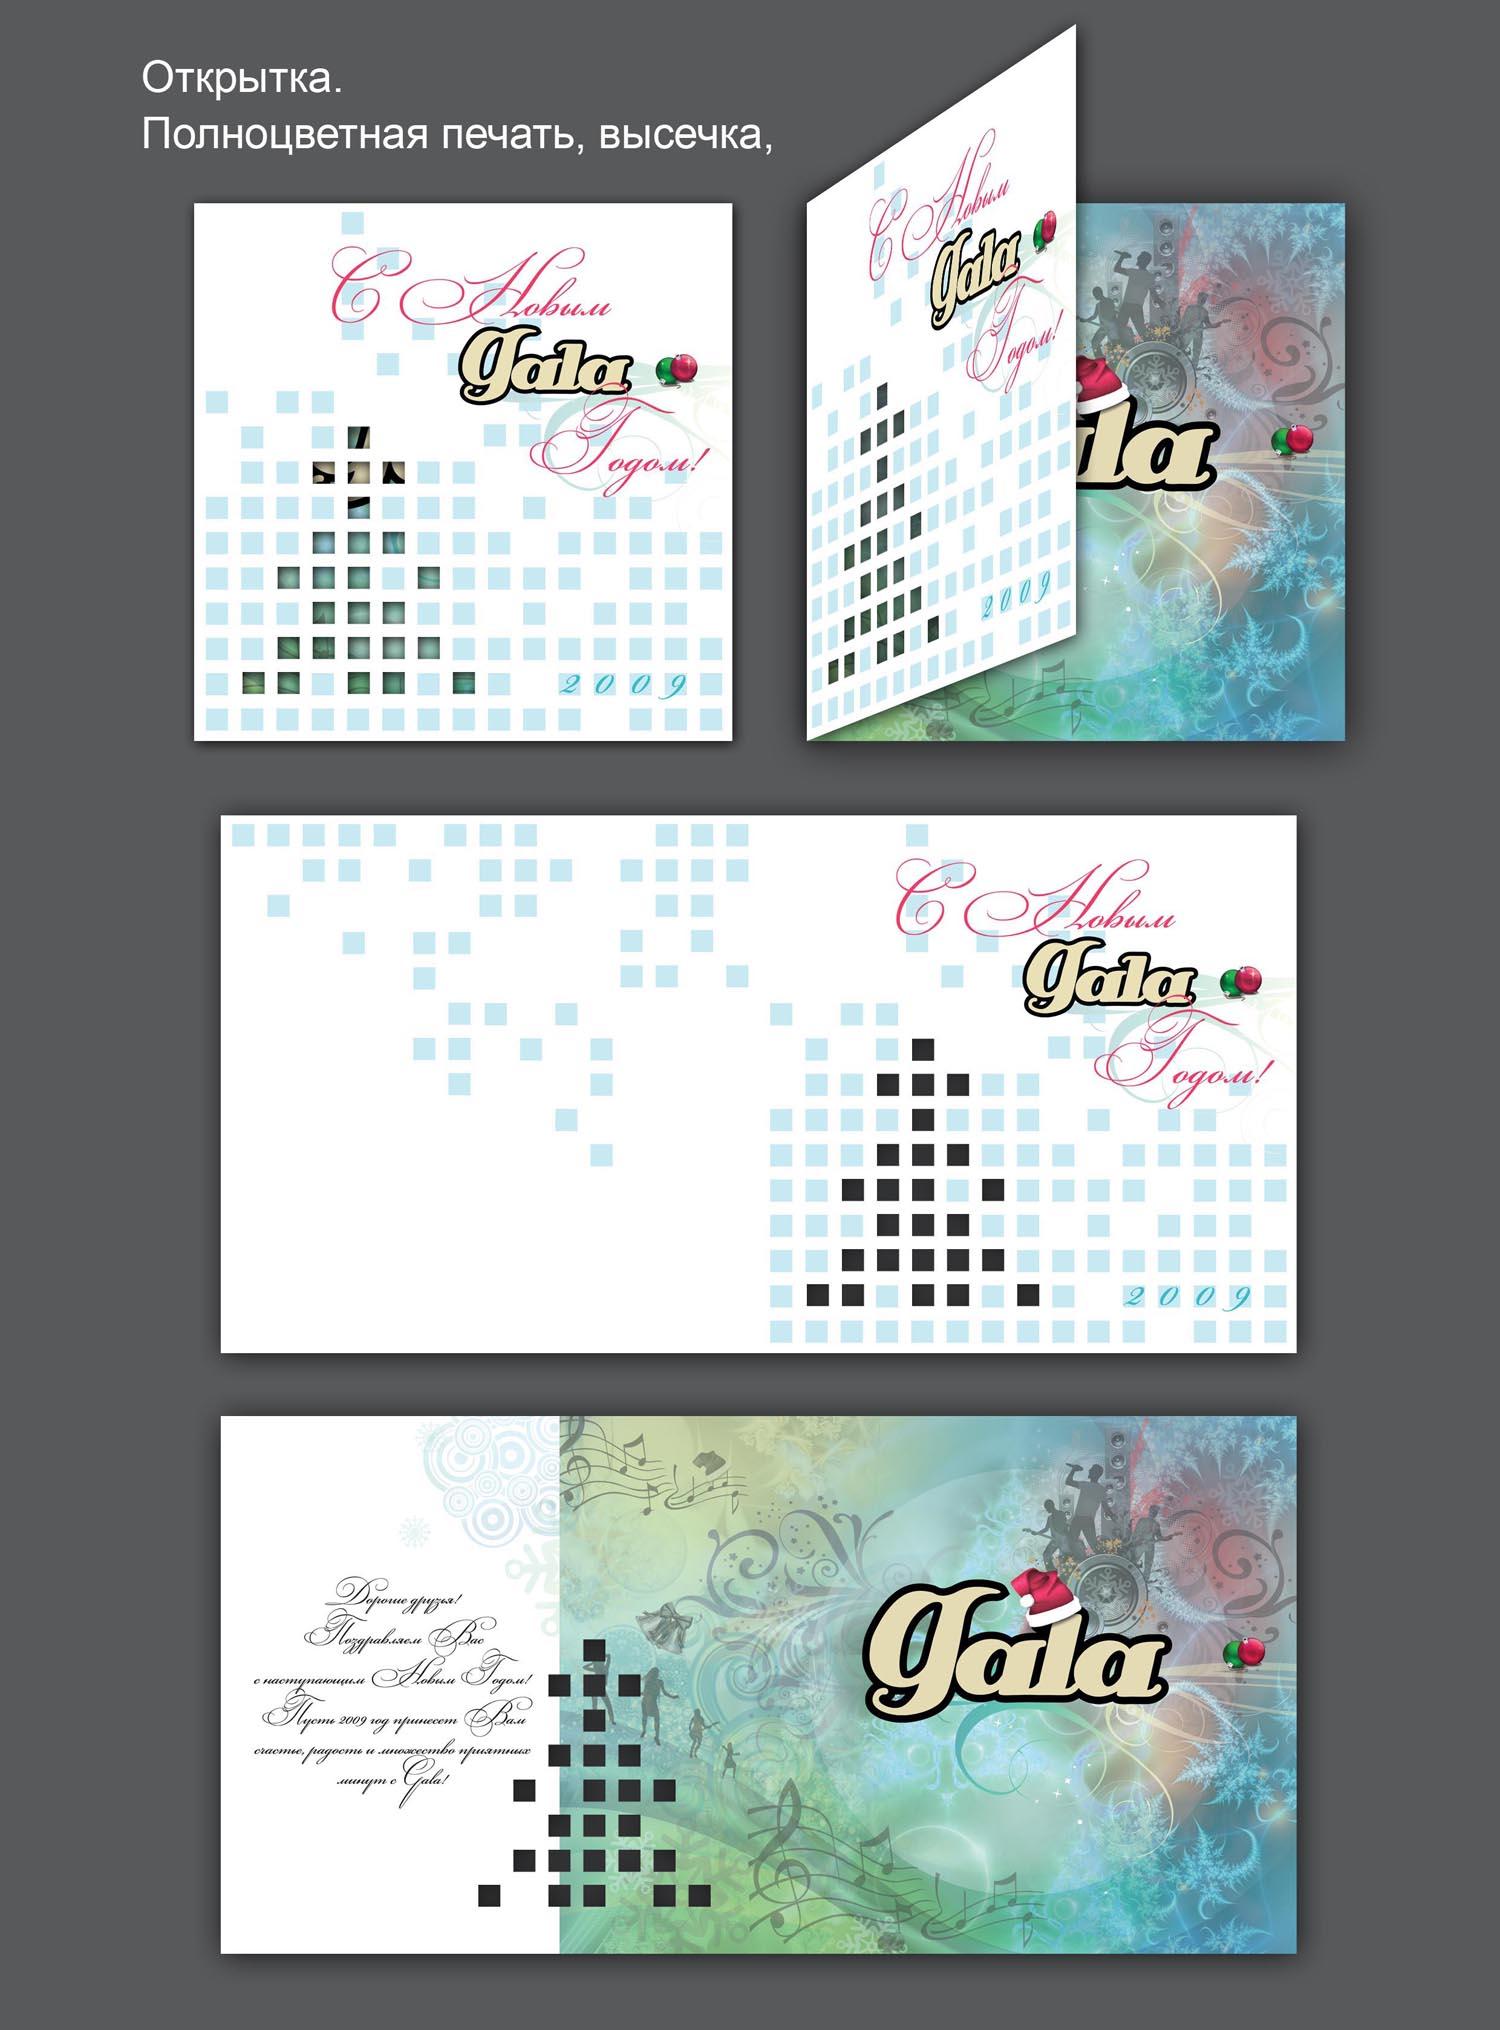 Дизайн новогодних открыток и креативное производственное решение